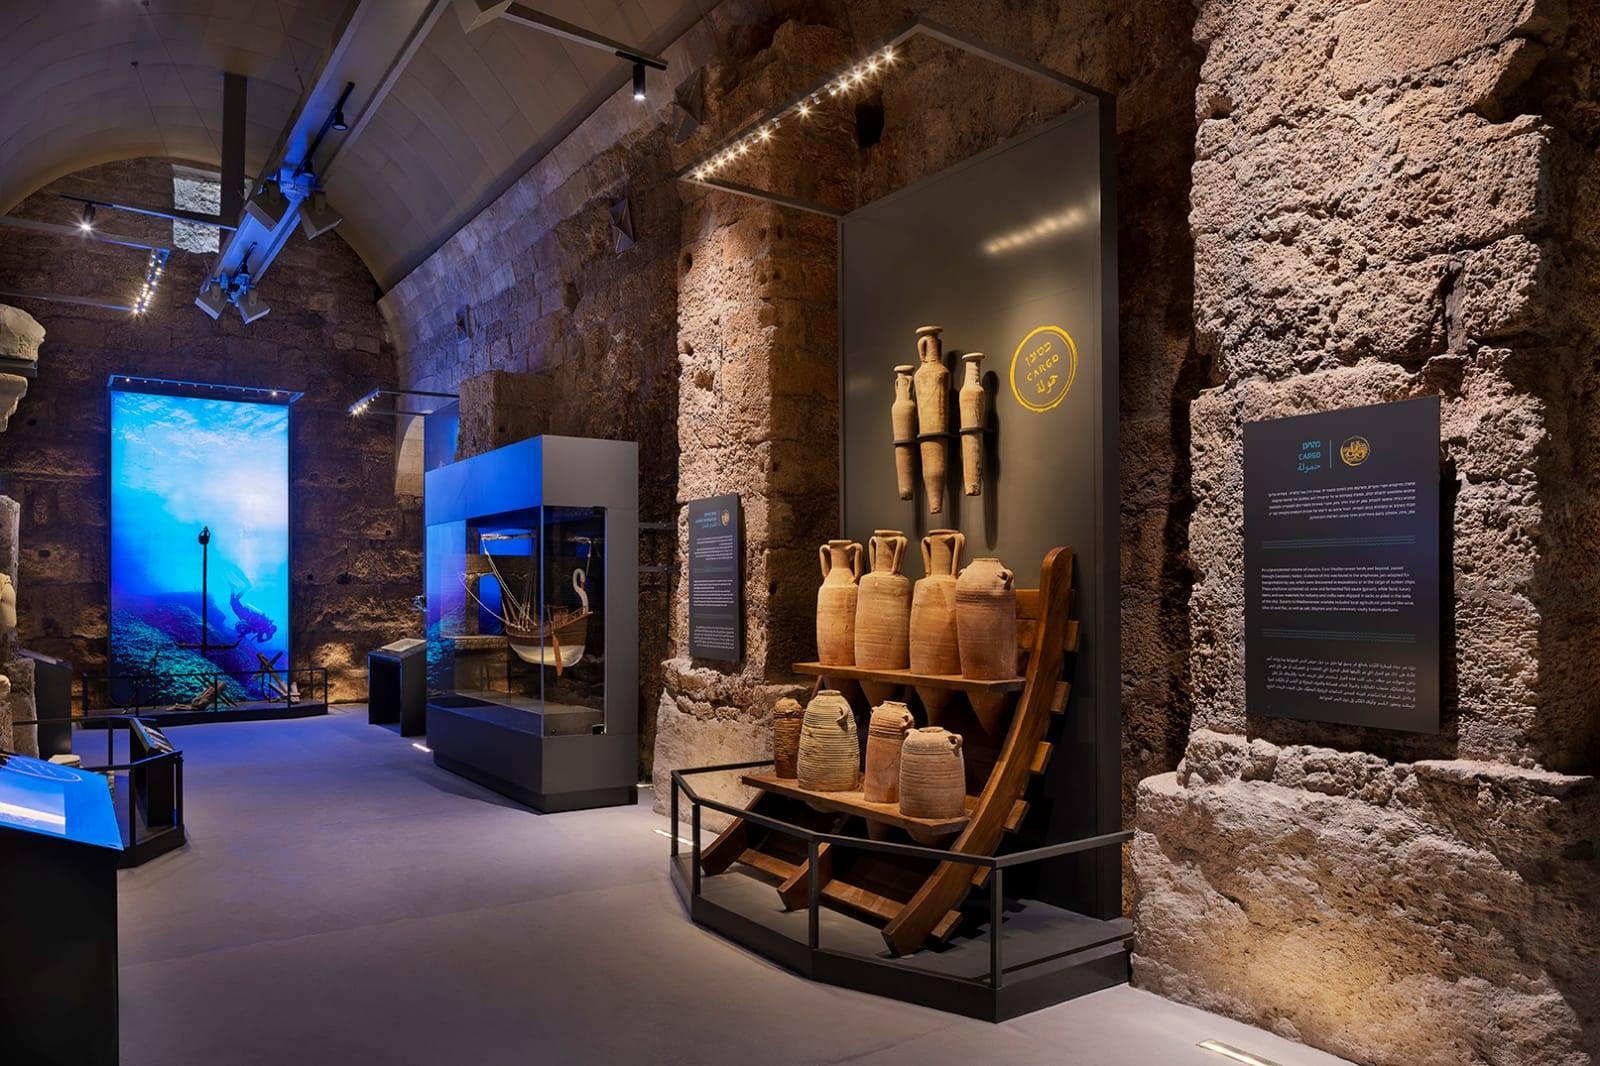 מרכז המבקרים החדש בקיסריה. אתר רשות הטבע והגנים וכן רשות העתיקות